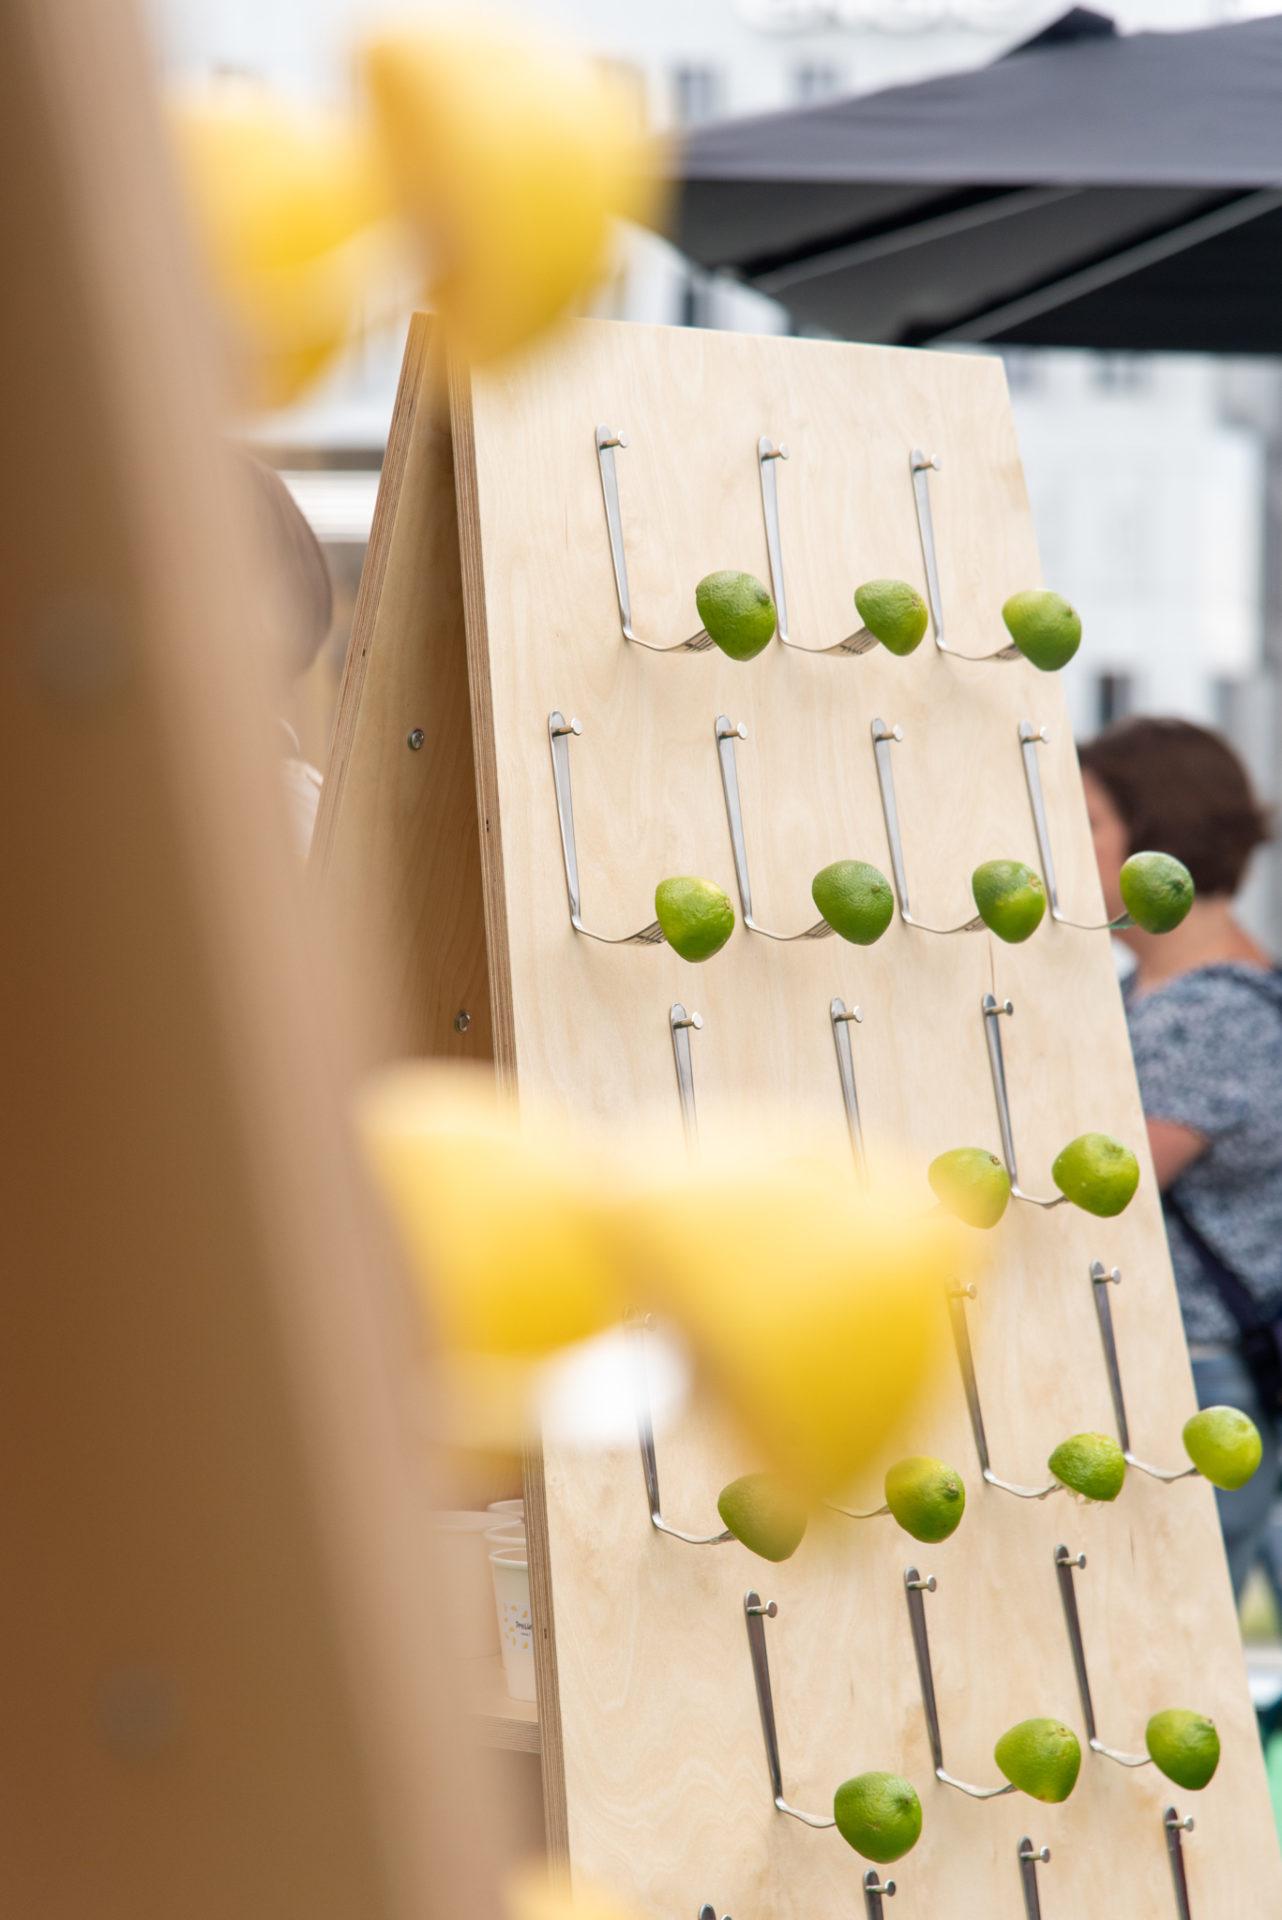 citrons verts sur des fourchettes